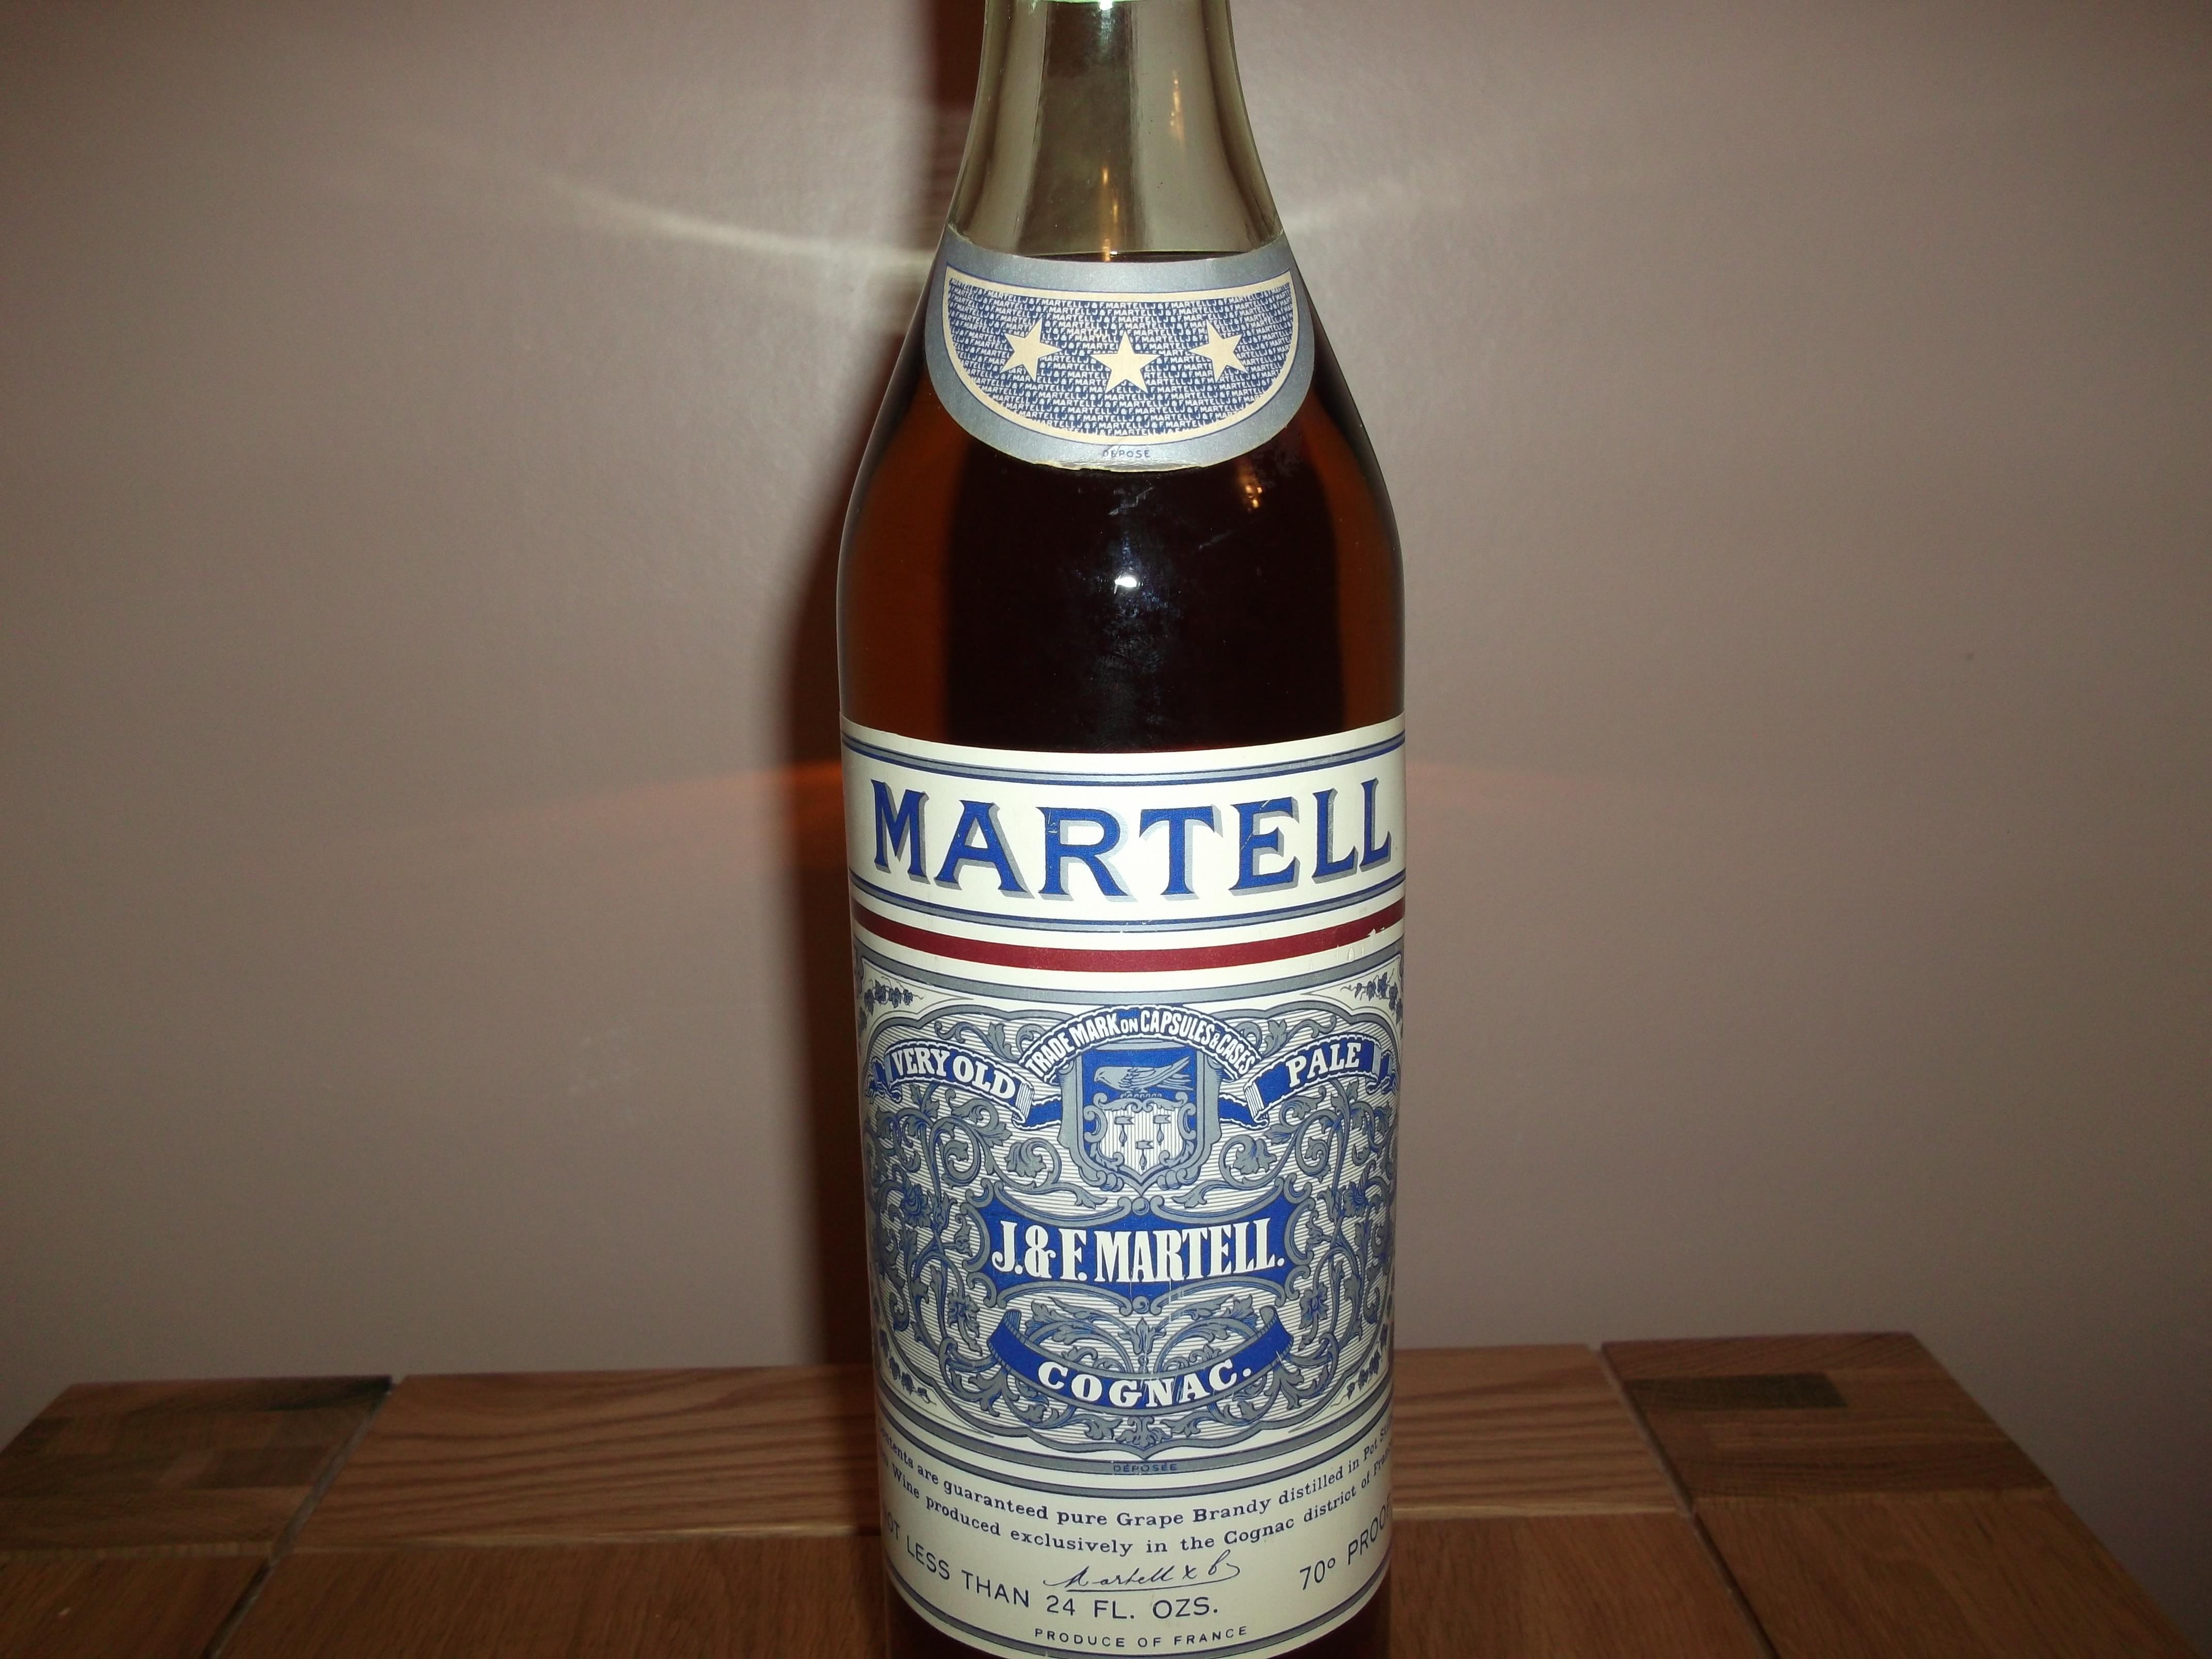 Martell Cognac Bottle J&F